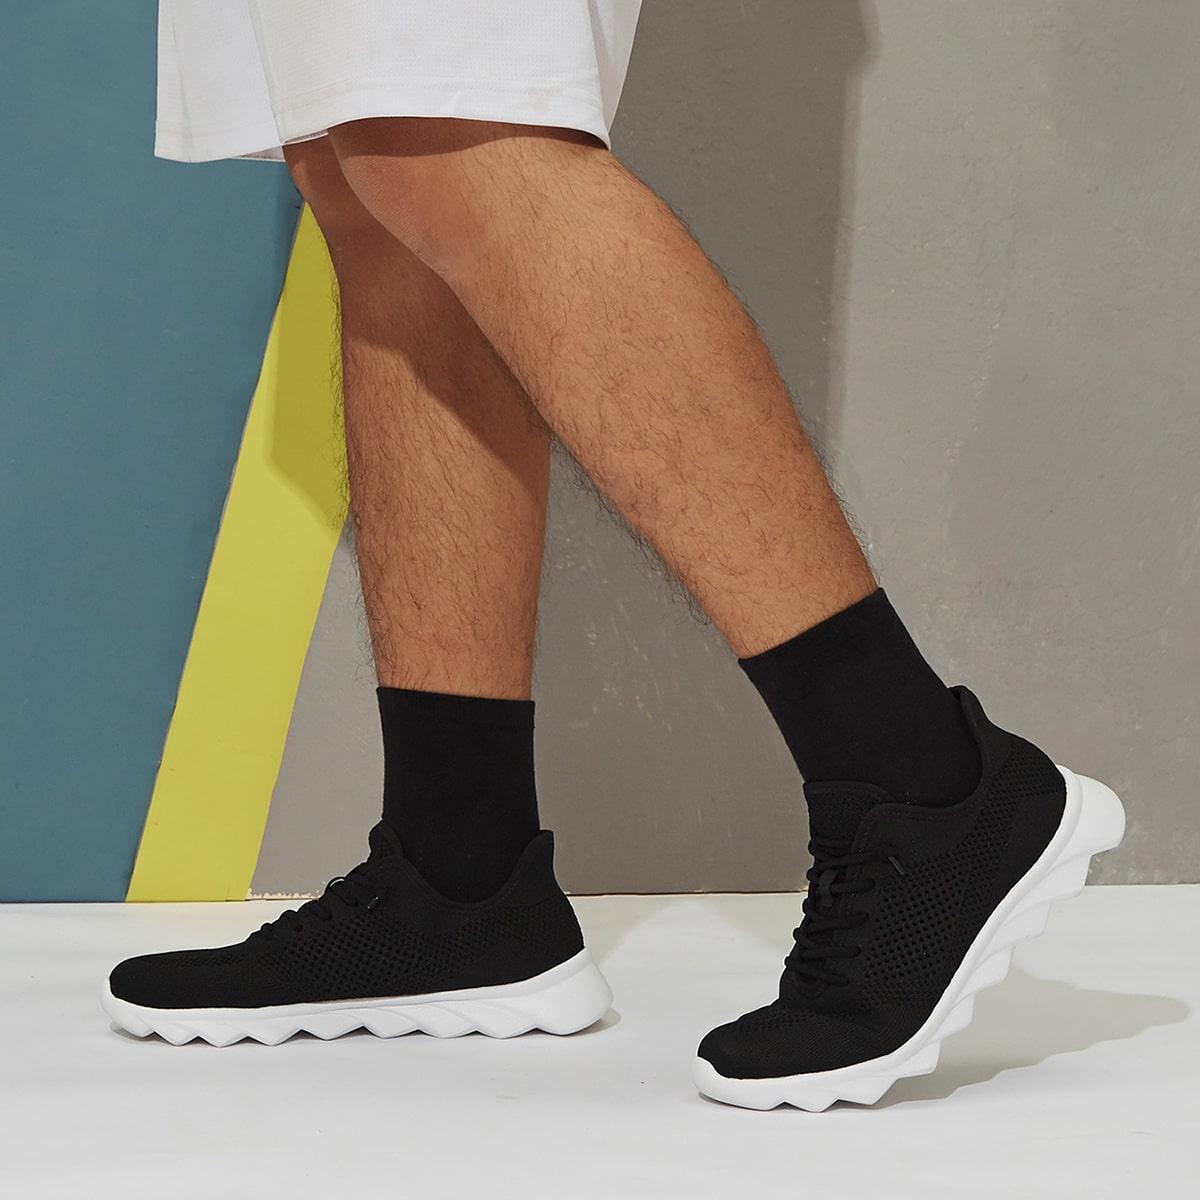 Cuccoo - мужские кроссовки